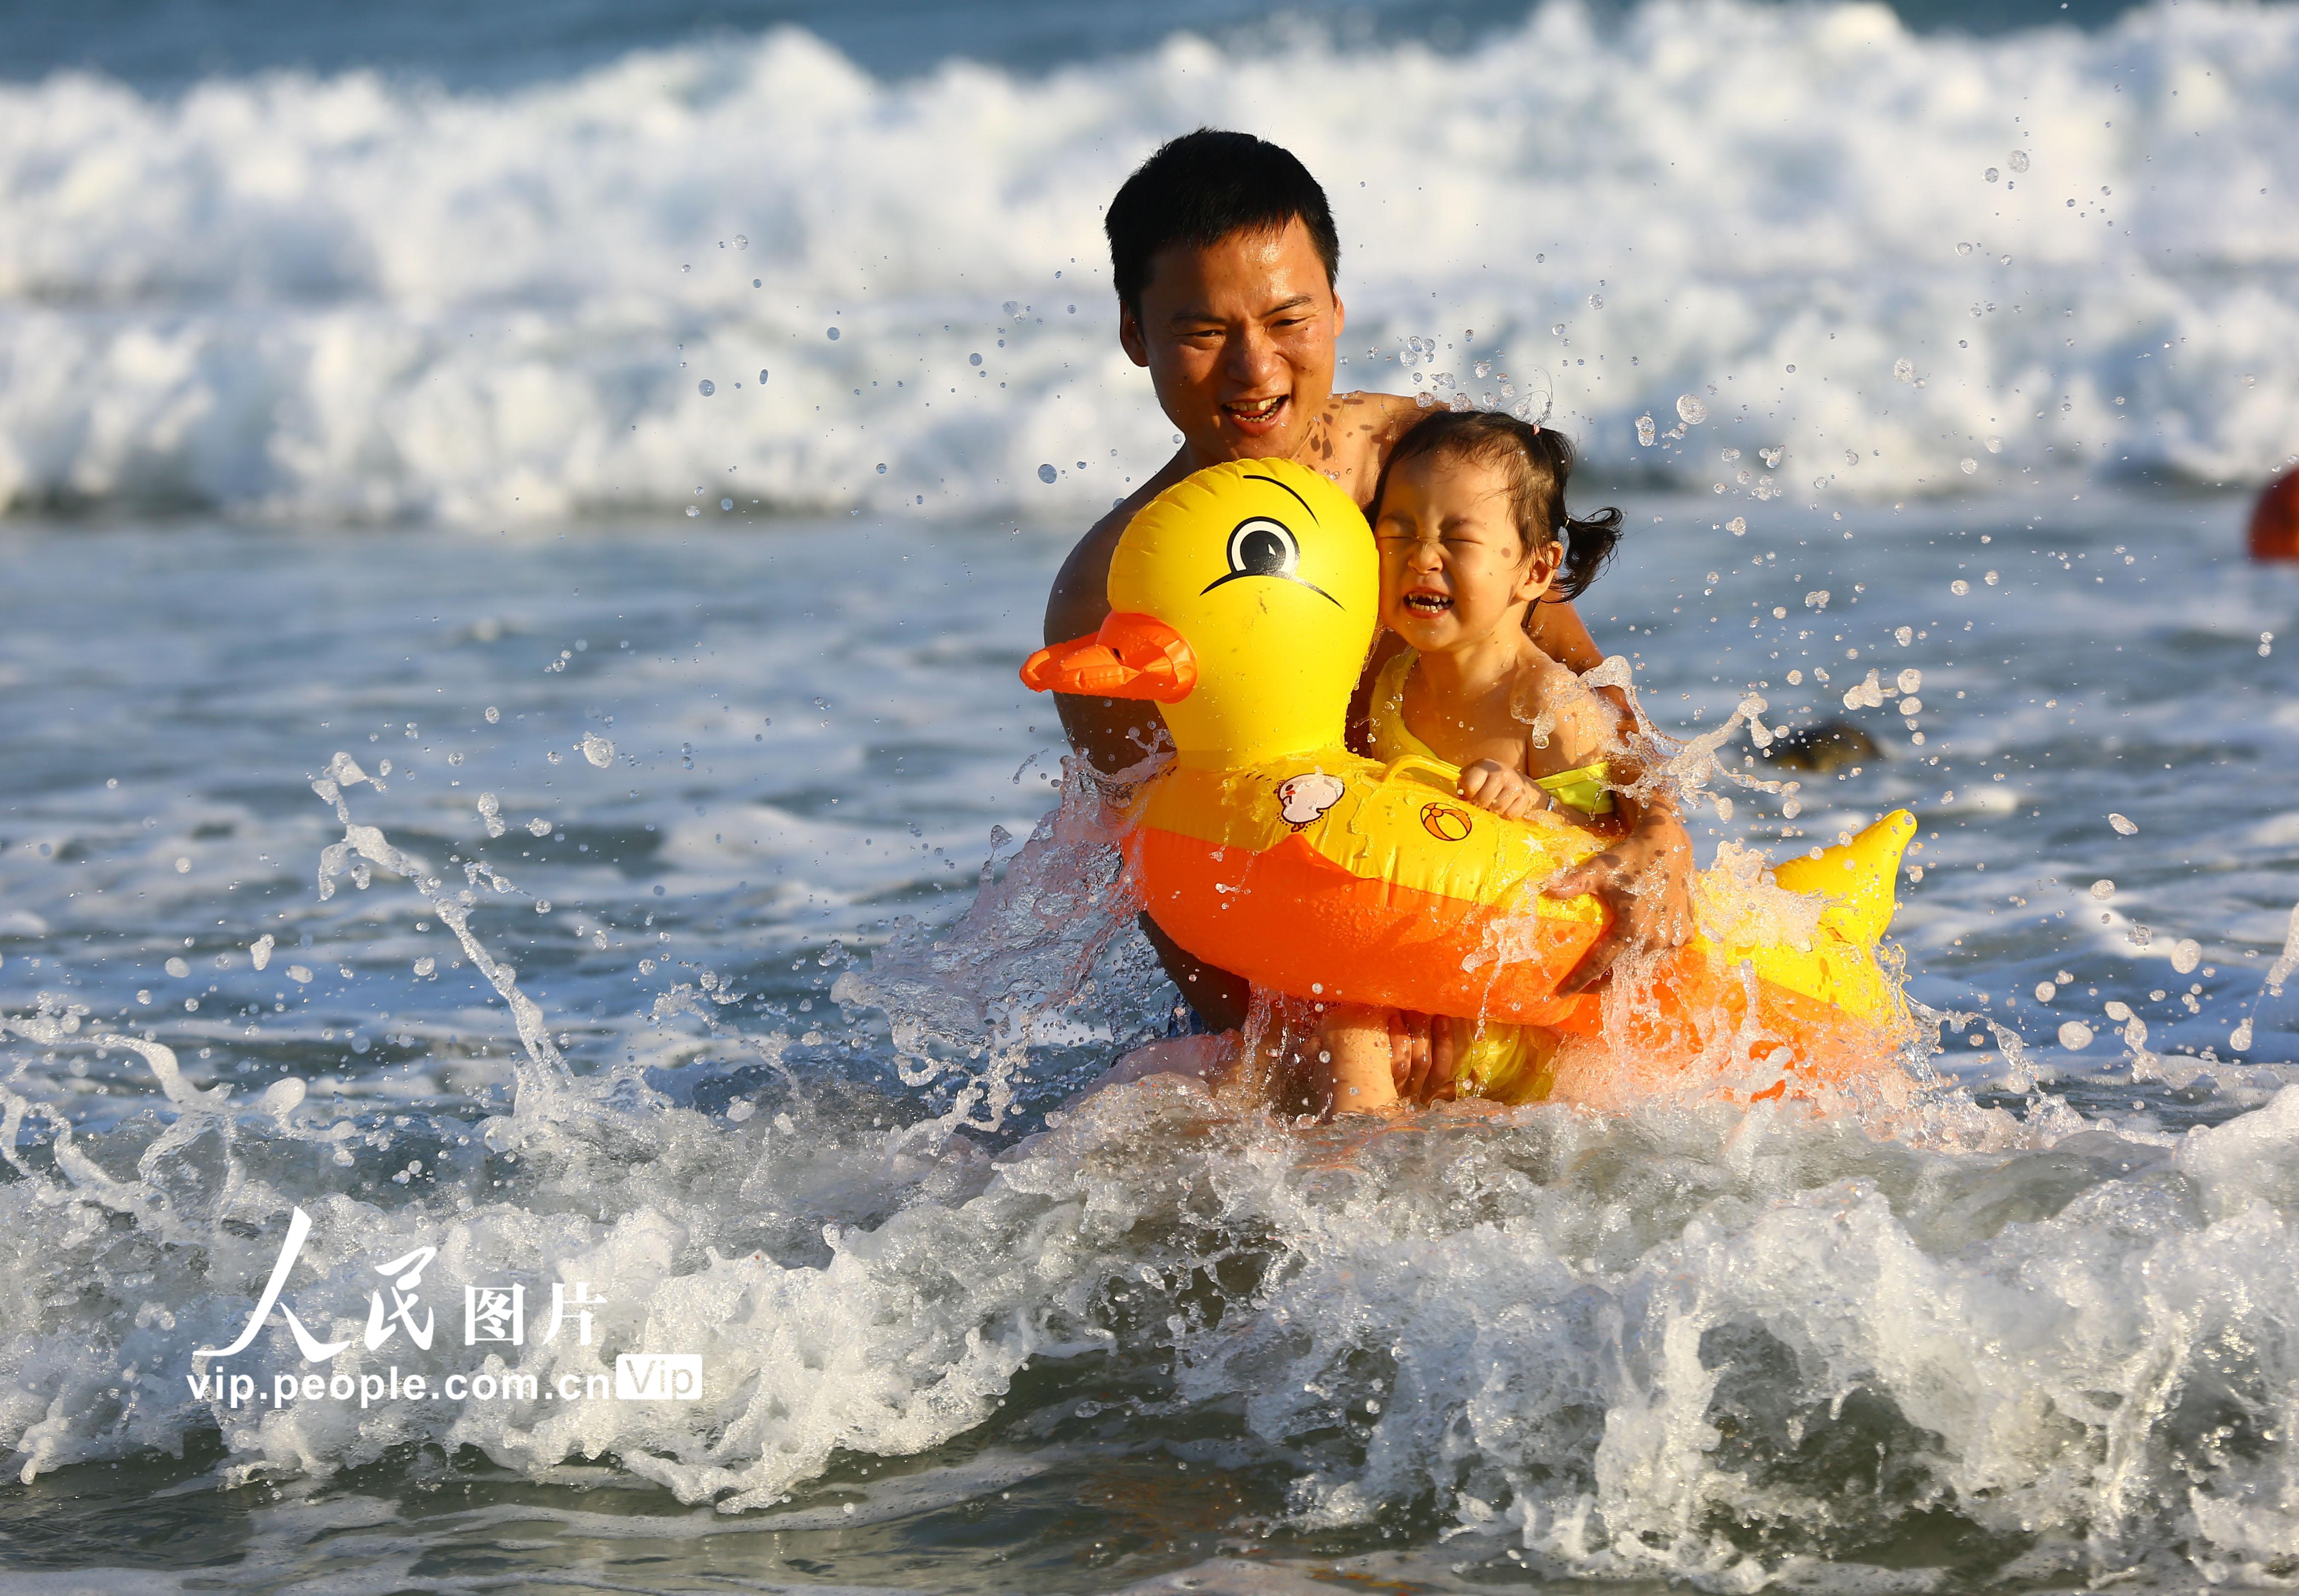 海南三亚高温 游人海滨戏水消暑